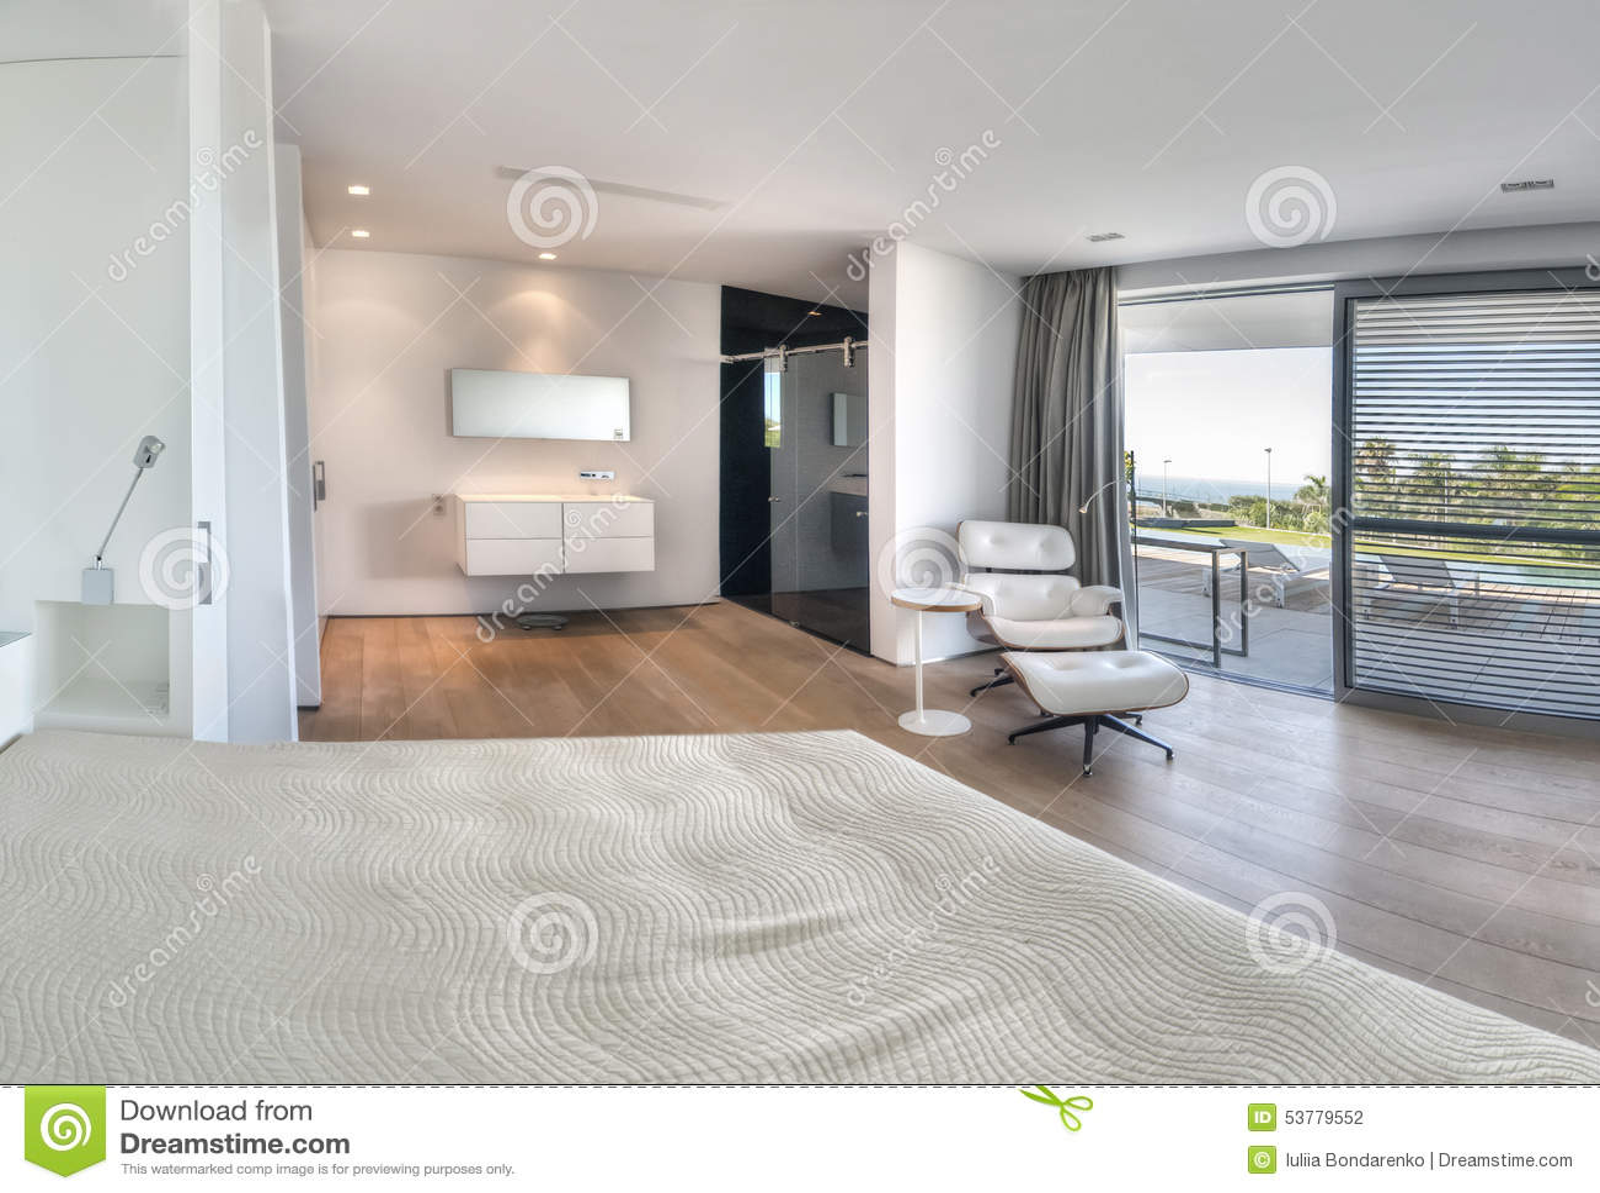 chambre coucher blanche moderne avec la salle de bains photo stock image 53779552. Black Bedroom Furniture Sets. Home Design Ideas